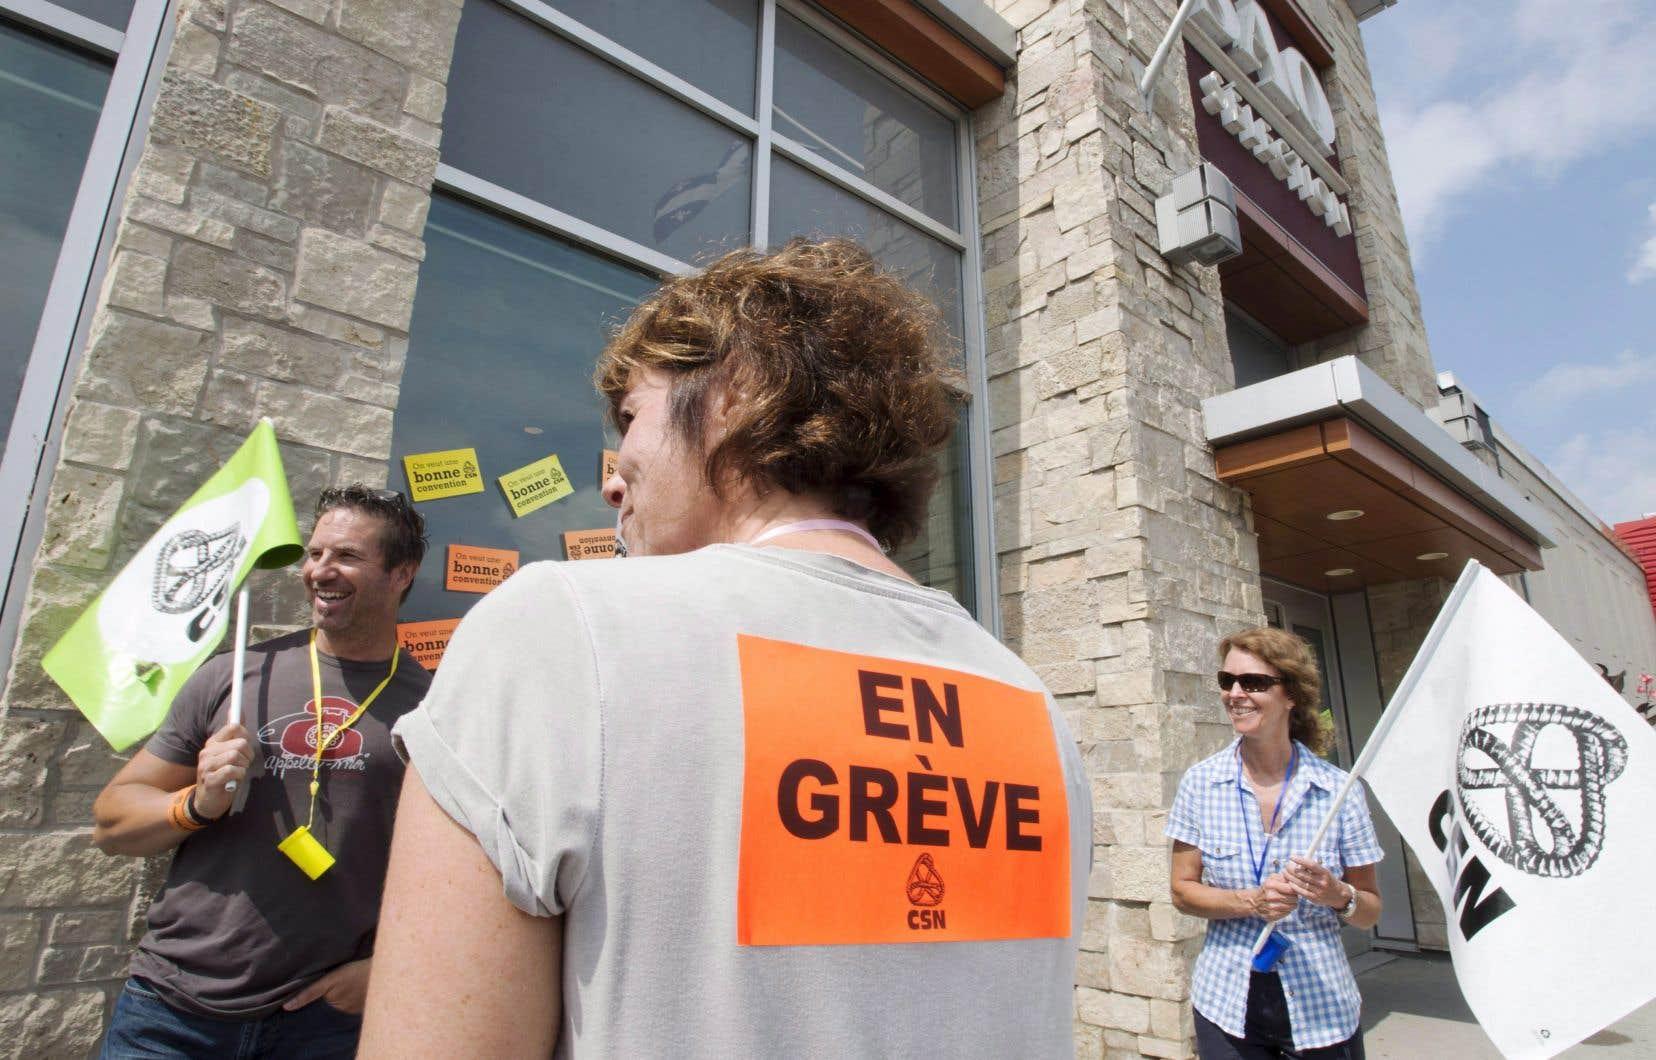 En laissant savoir qu'ils débraieront mercredi, les travailleurs espèrent aussi pouvoir compter sur la solidarité de la population dans le respect des piquets de grève.